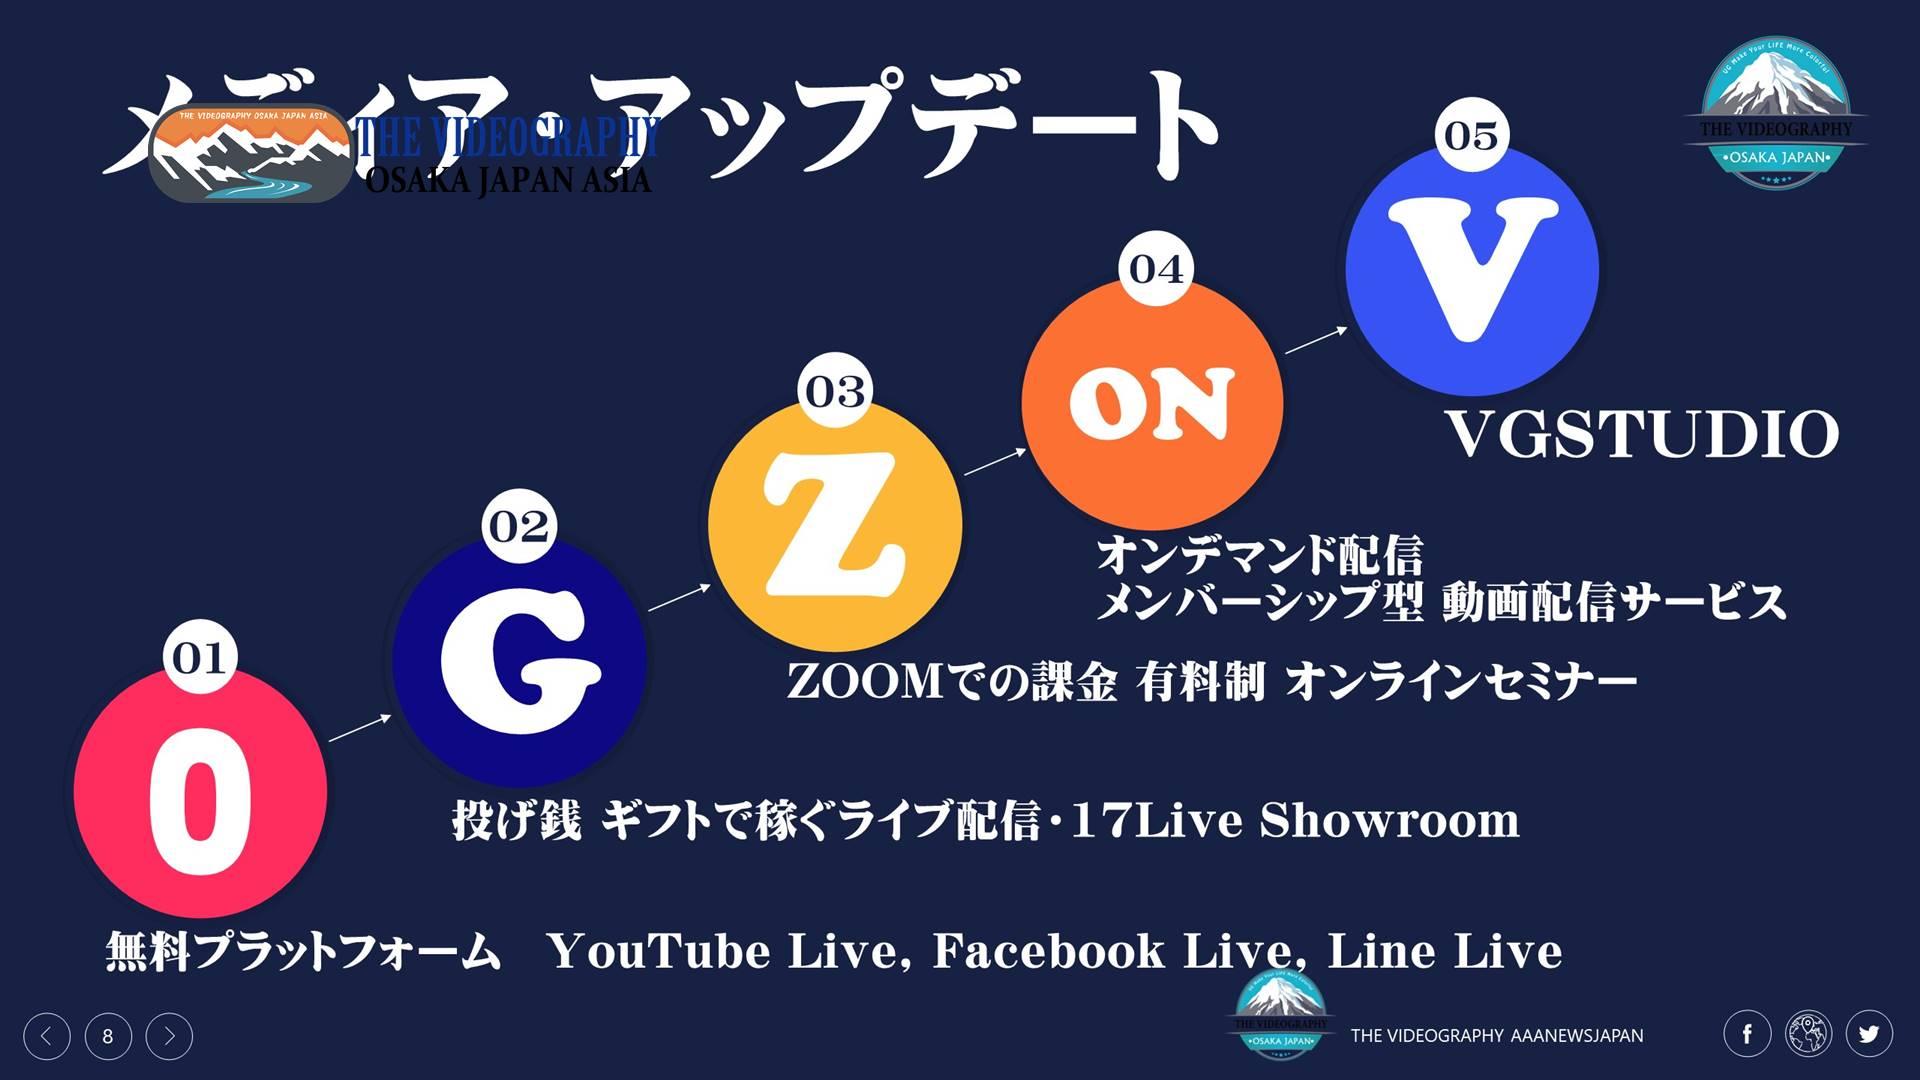 映像配信ヒエラルキー メディアアップデート。 0 ゼロ No charge Livestream Platform 無料プラットフォーム YouTube Live, Facebook Live, Line Live, 17Live G Gift 17Live Showroomなどチップ 投げ銭 ギフトで稼ぐライブ配信 Z Zoom ウェブ会議システム ZOOMでの課金 有料制 オンラインセミナー ON Ondemand オンデマンド配信 録画配信 会員制 メンバーシップ型 動画配信サービス V VGStudio VGSTUDIO